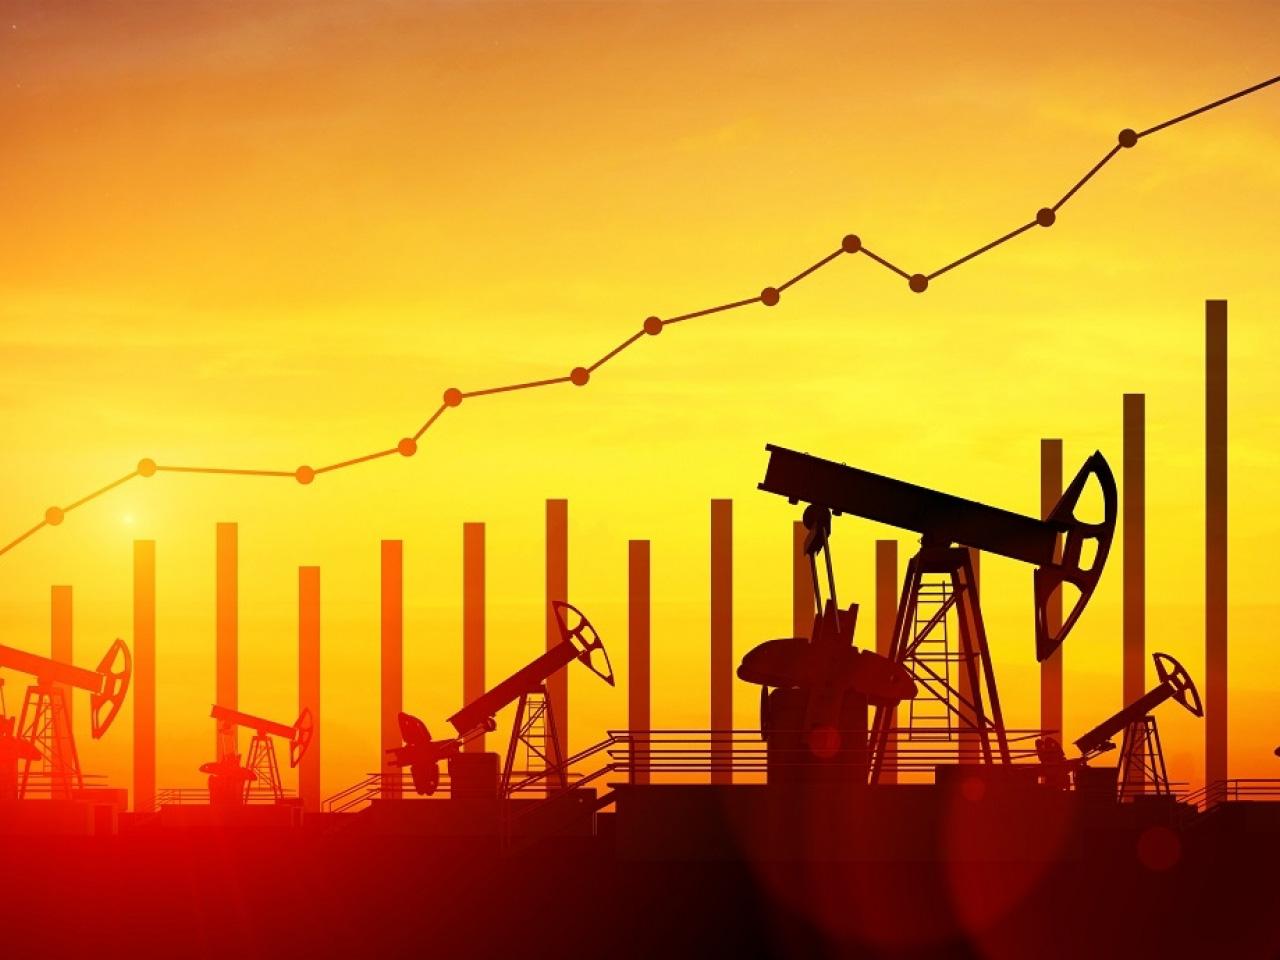 Lo ngại tác động tiềm tàng của dịch COVID-19, các chuyên gia của OPEC+ đề xuất giảm sản lượng dầu thô thêm 600.000 - 1 triệu thùng/ngày - Ảnh 1.